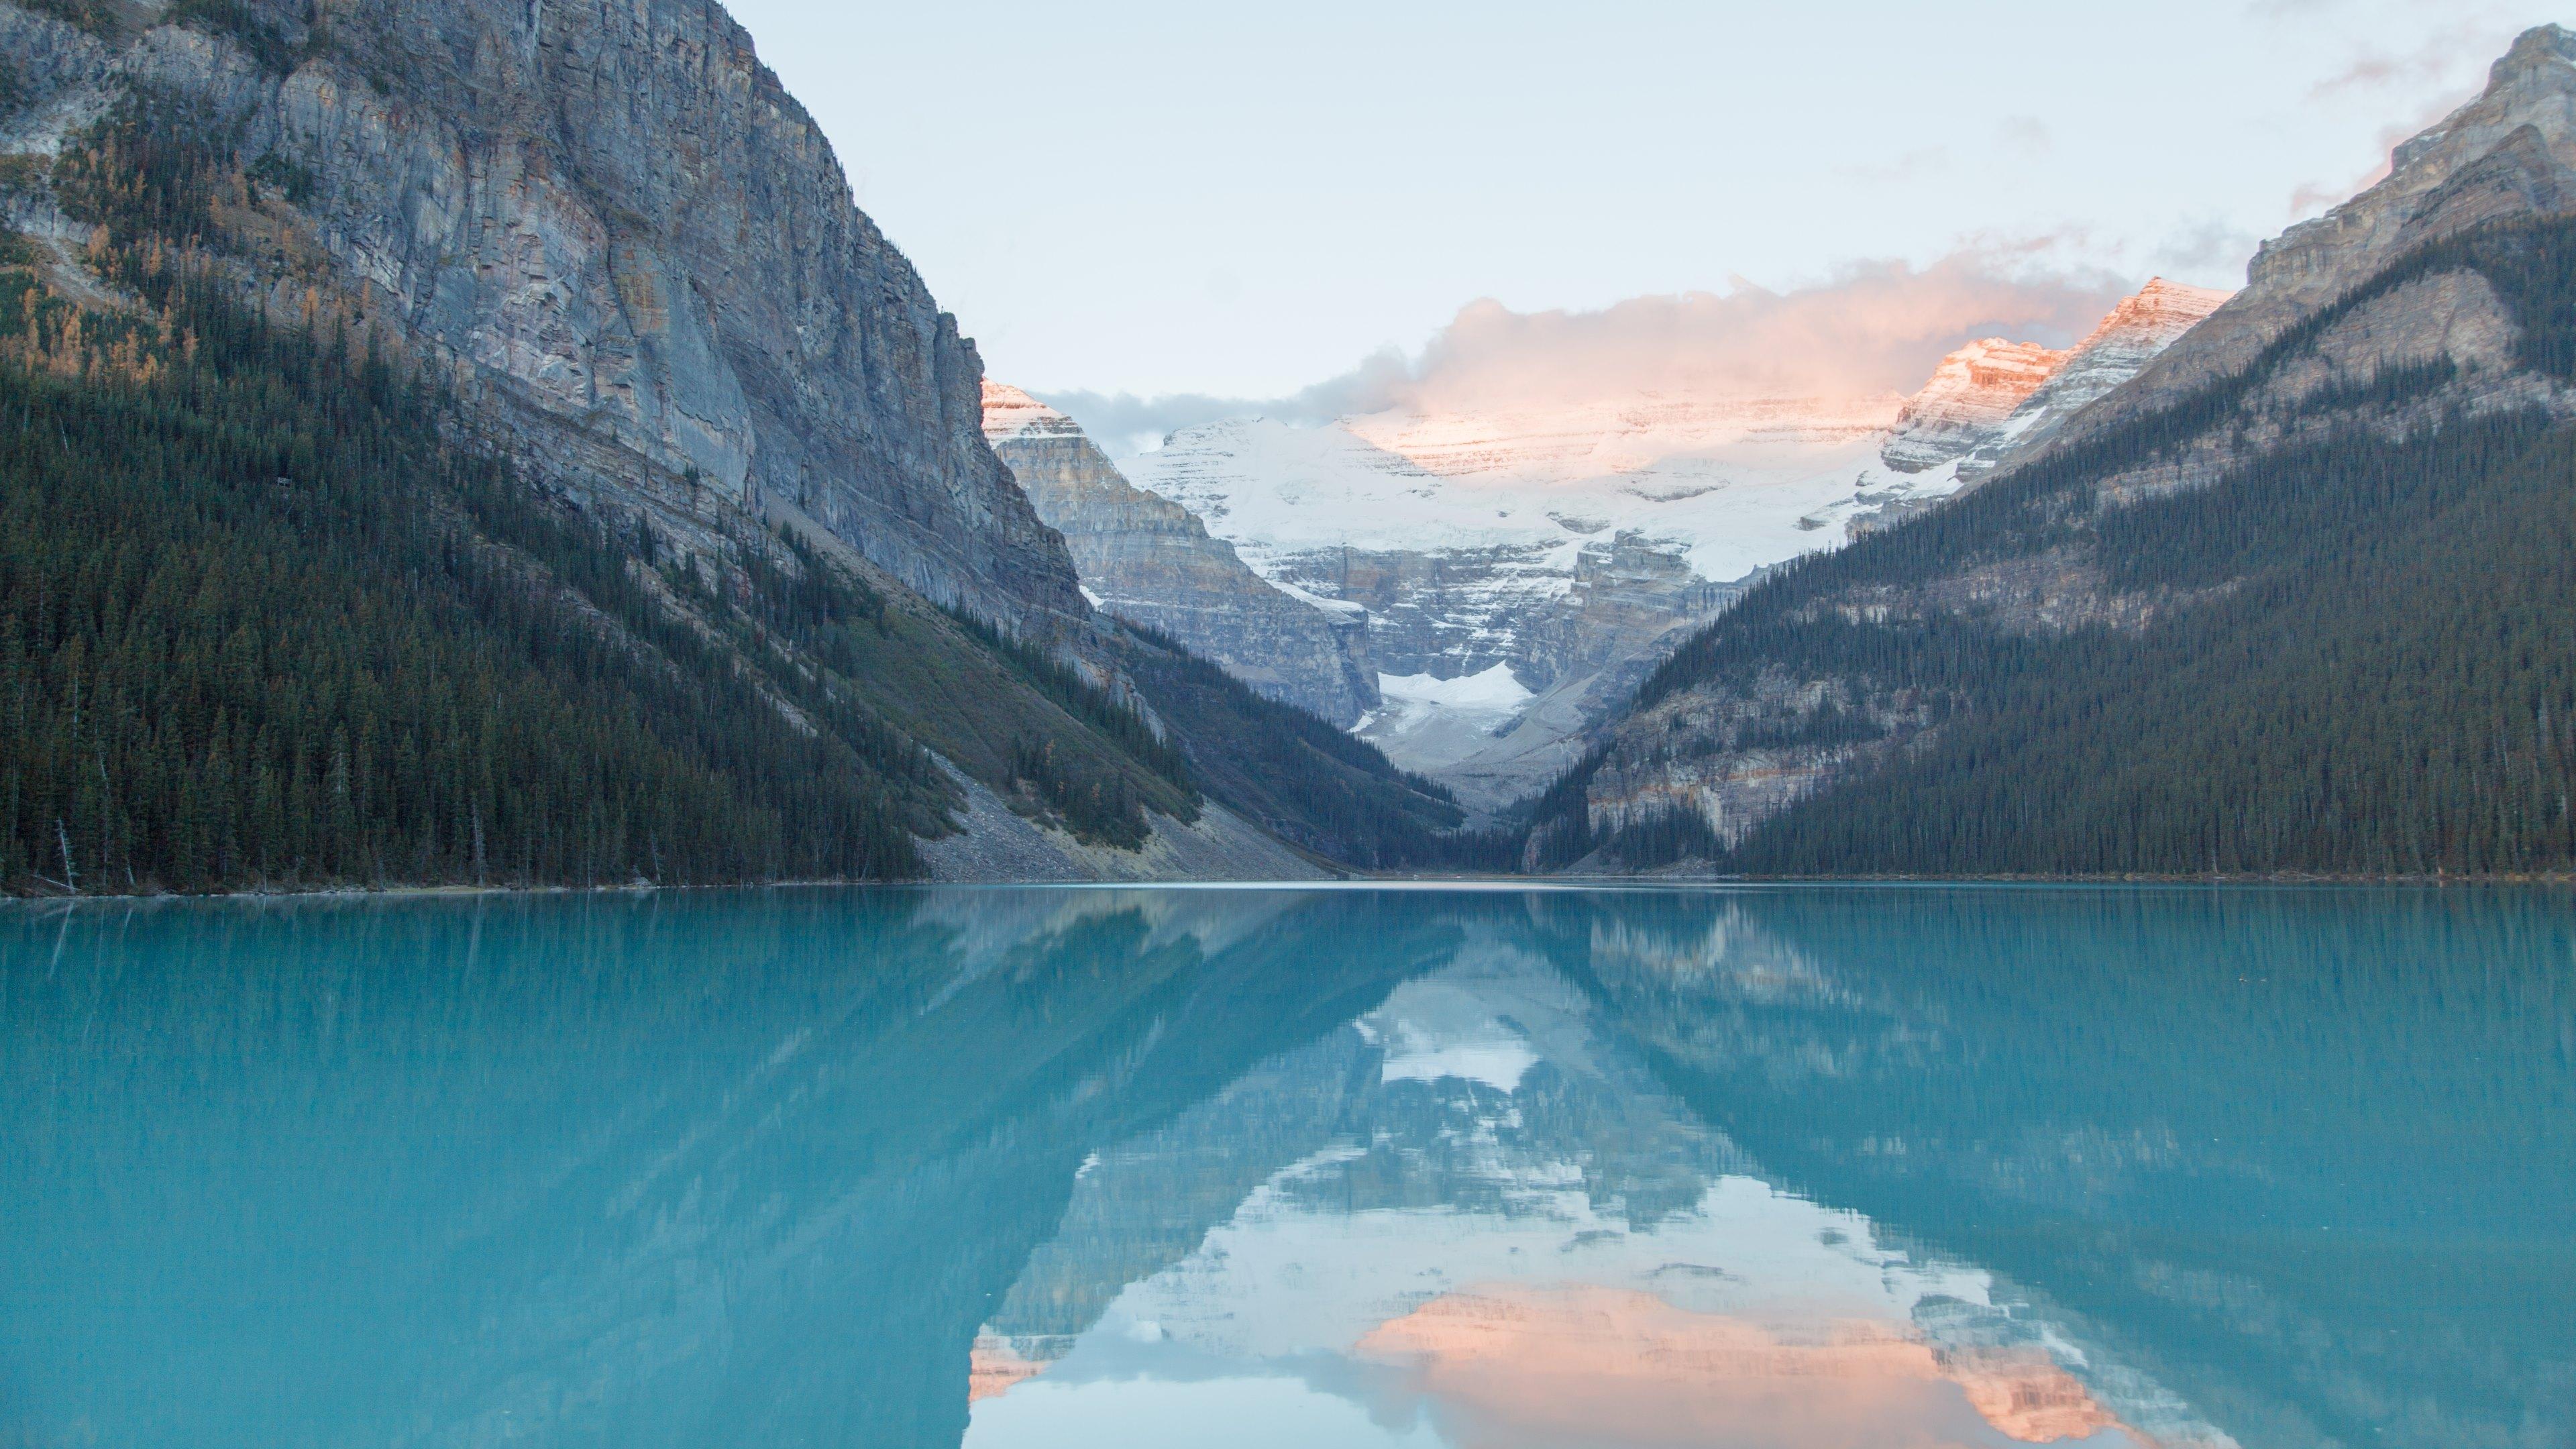 blue lake wallpaper 4k - photo #17